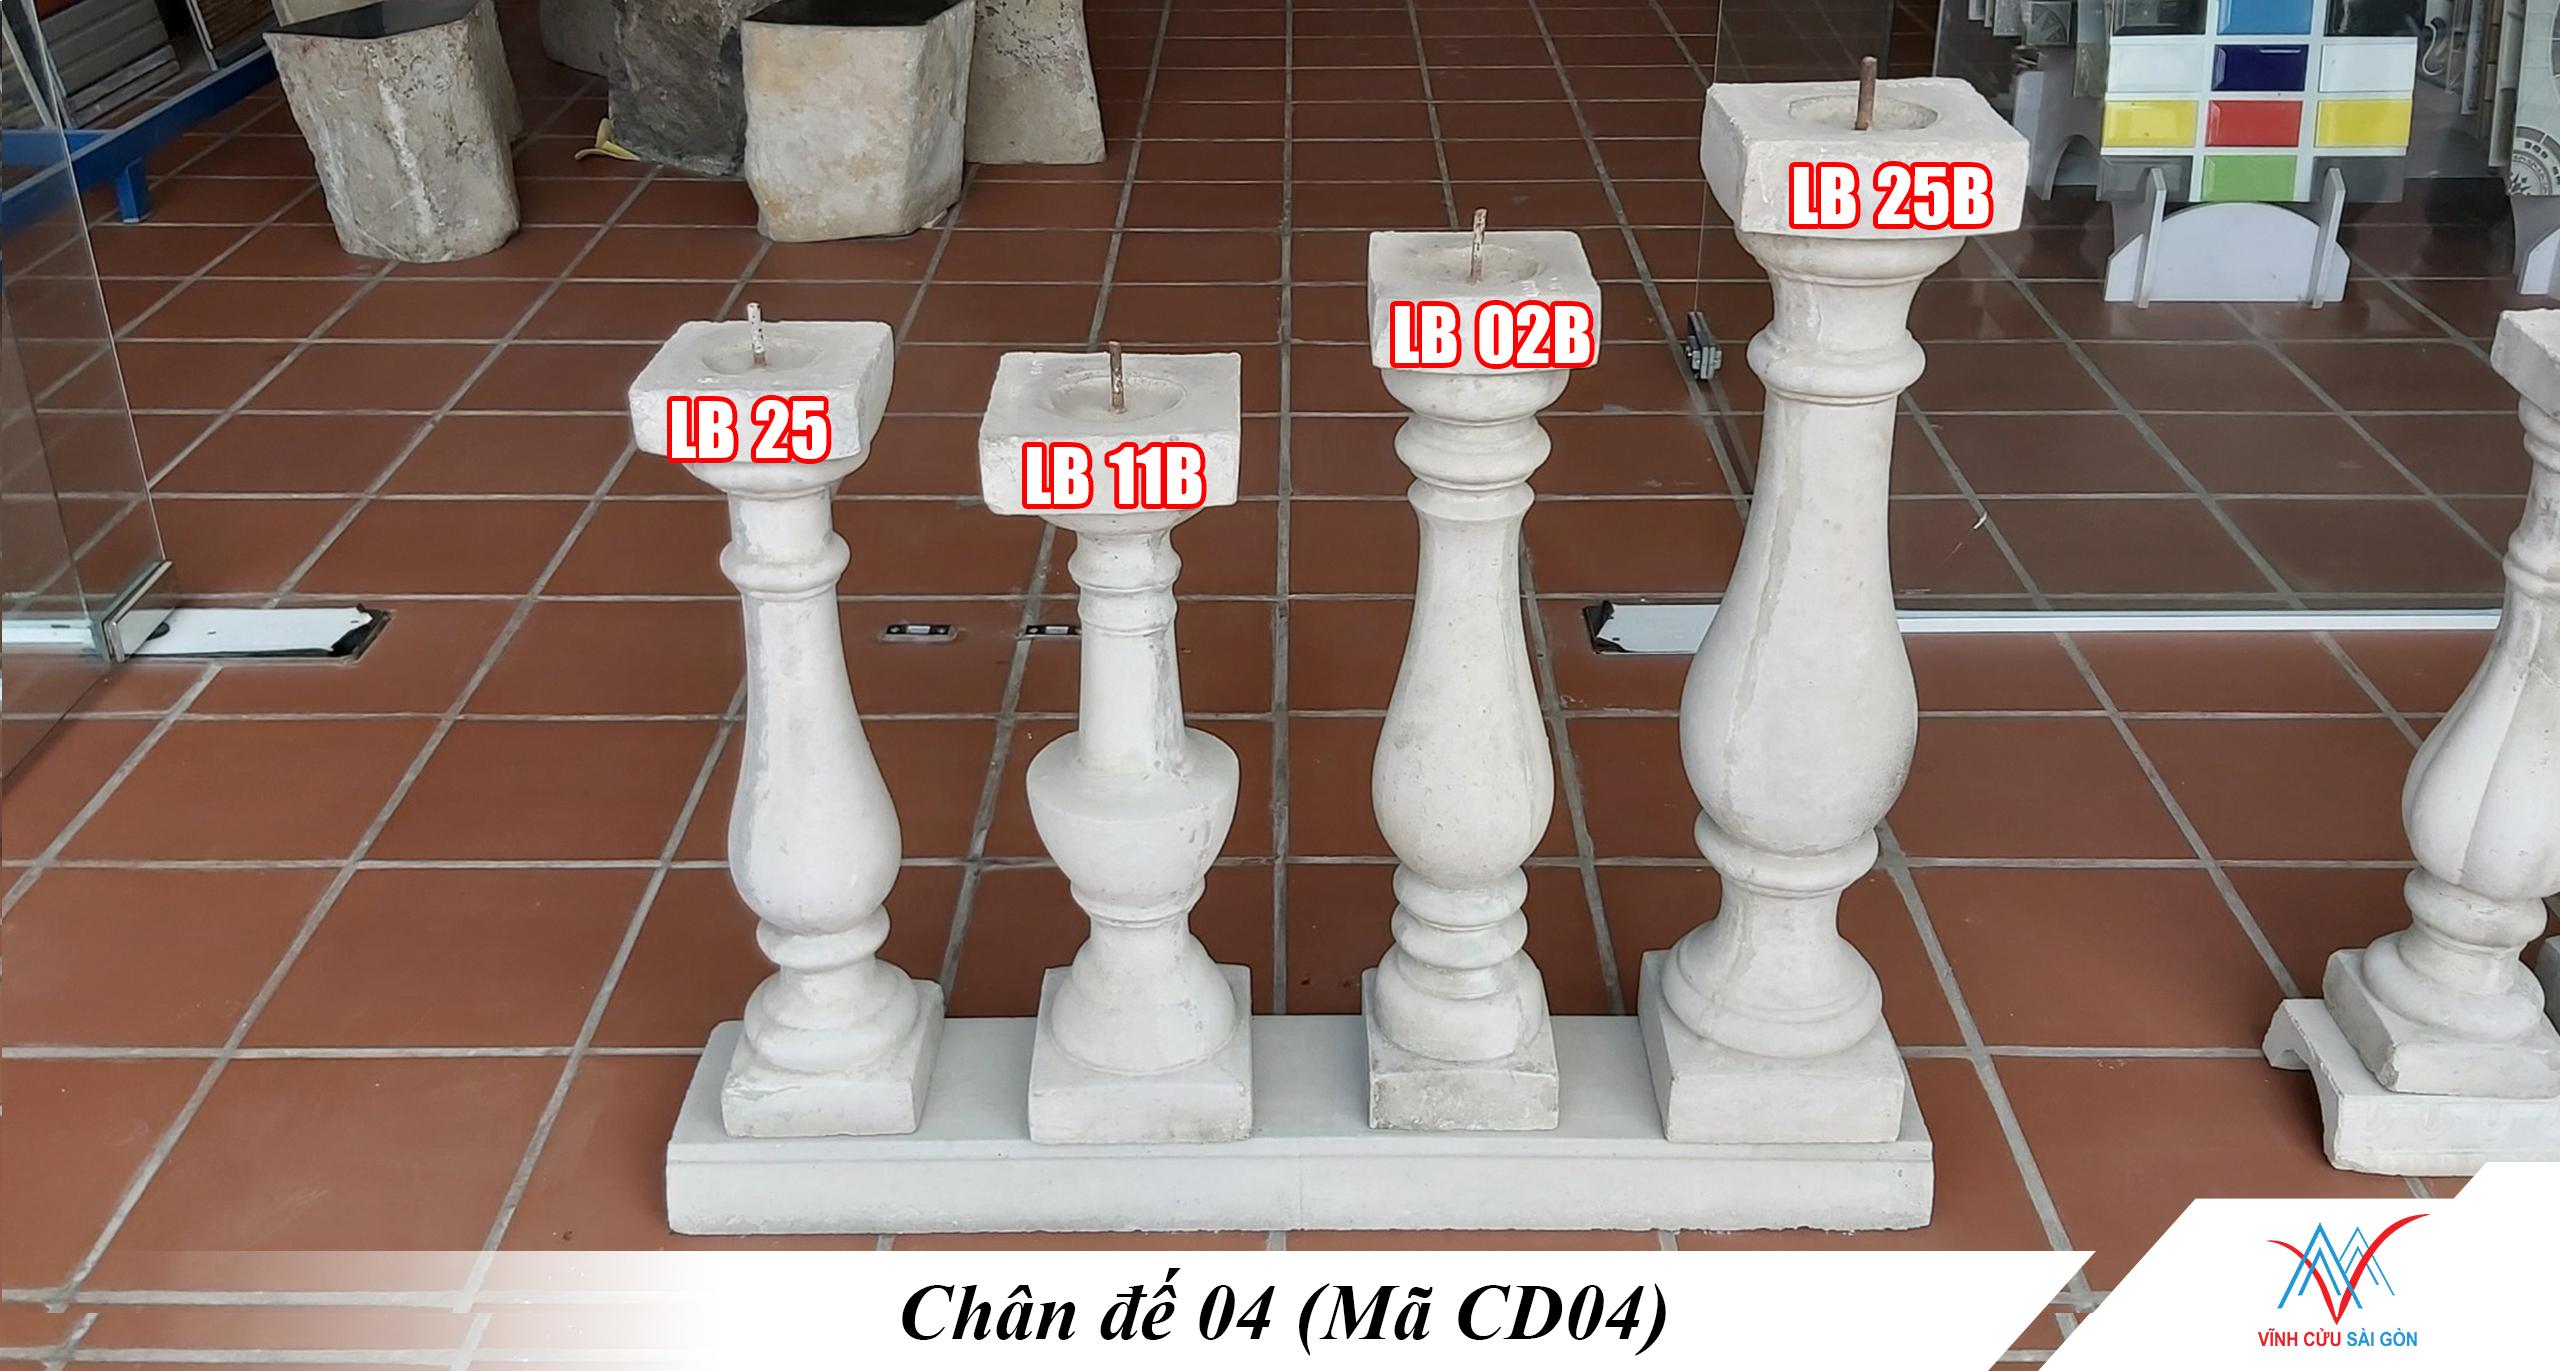 Hình ảnh thực tế của Chân đế 04 (Mã CD04)